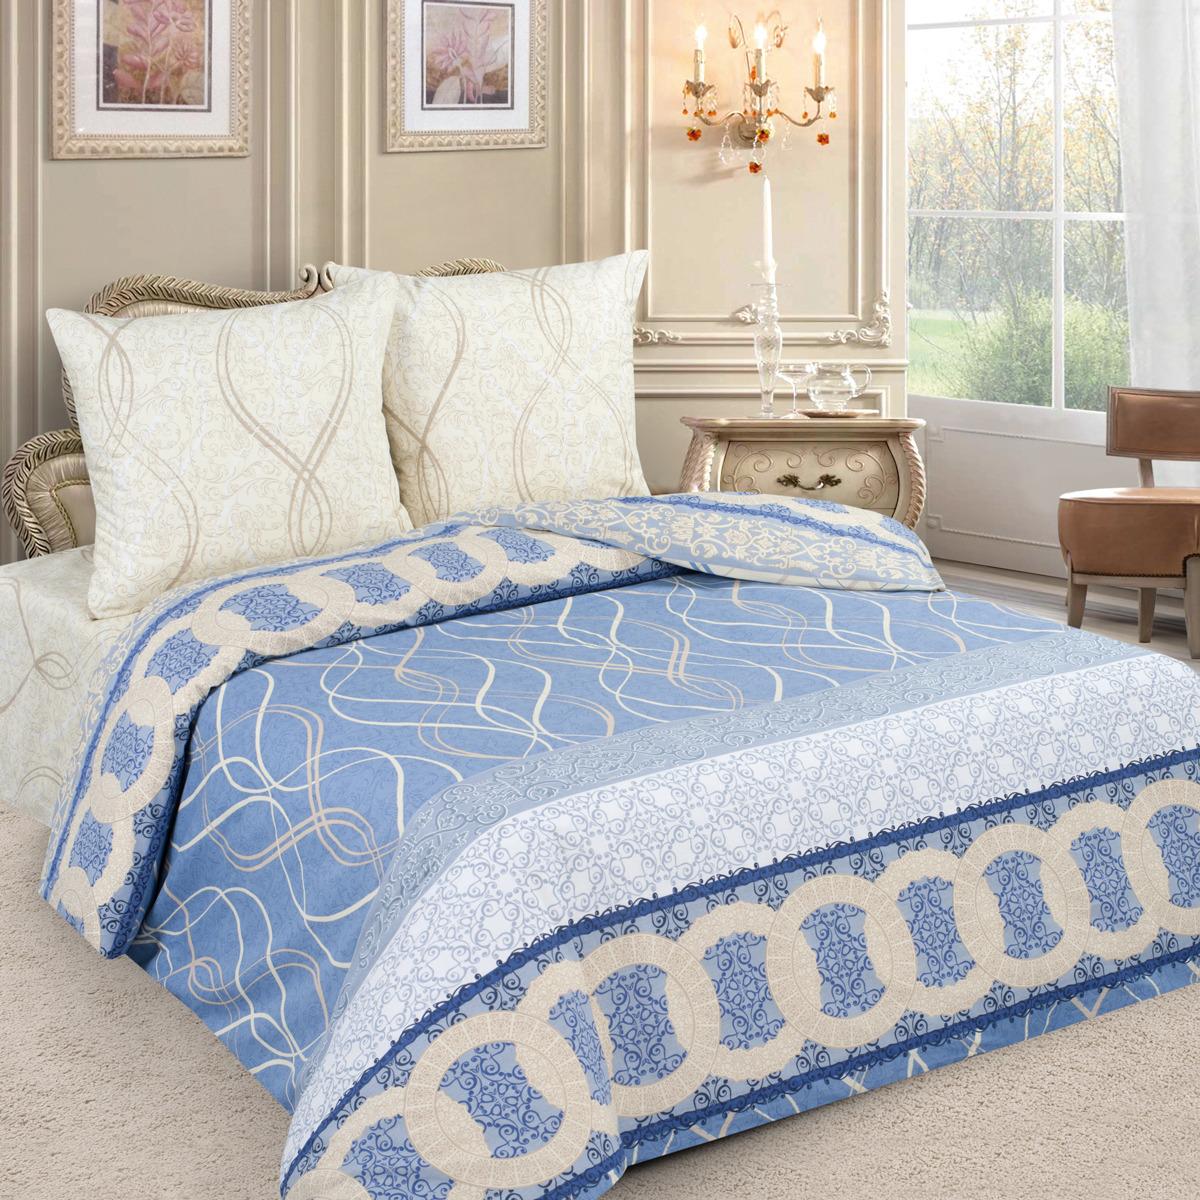 Комплект постельного белья Letto, 2-спальный, наволочки 70х70. PL62-4 комплект белья letto 2 спальный наволочки 70х70 sm119 4